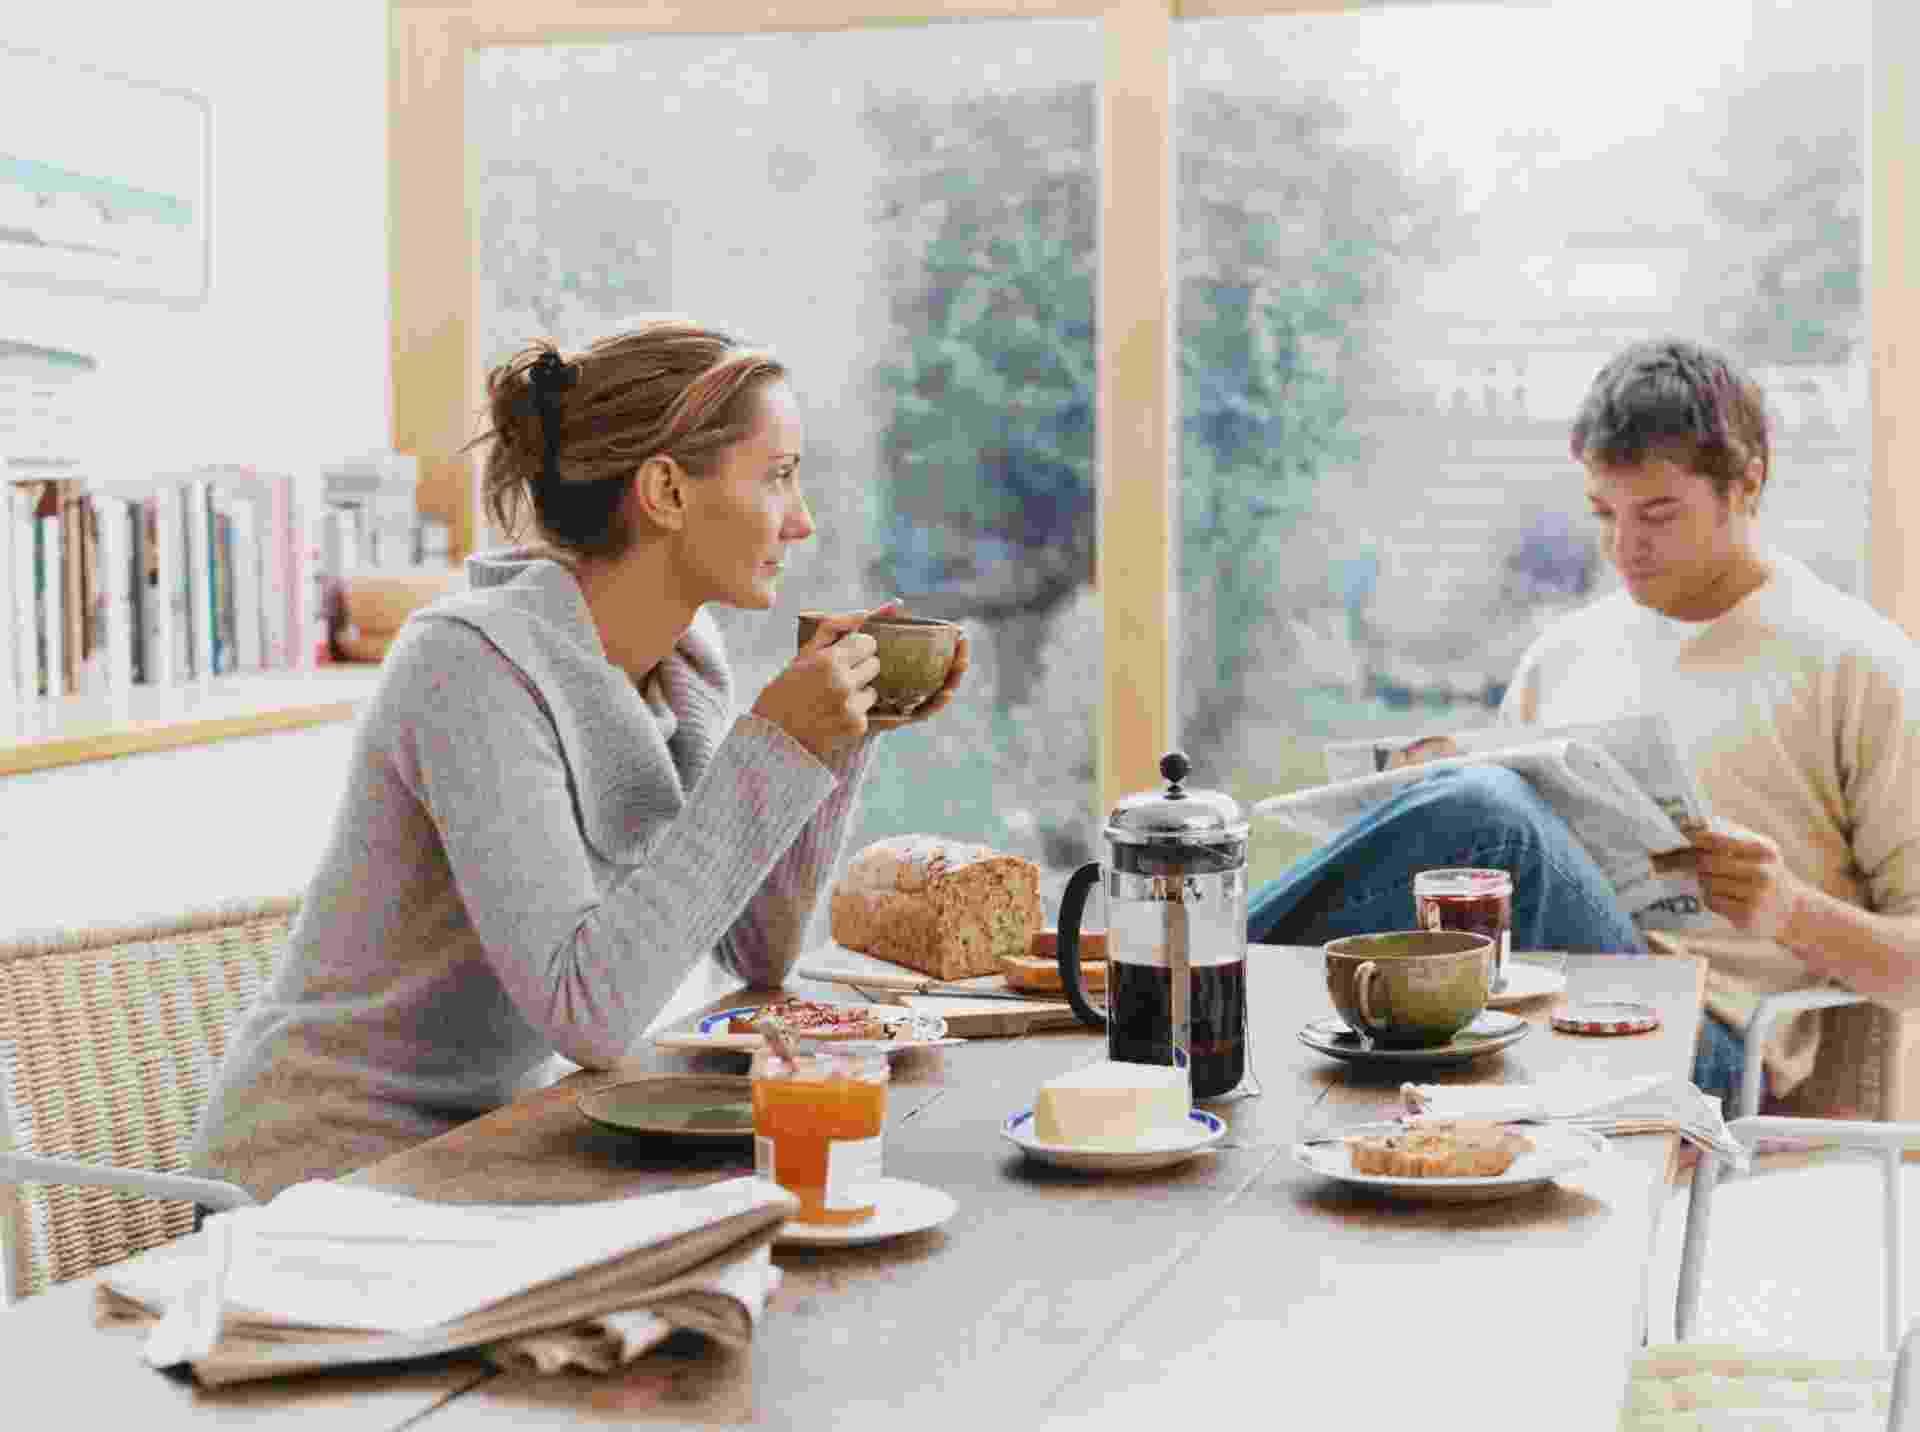 1.nov.2013 - Mulher, homem, café da manhã, conversa - Thinkstock